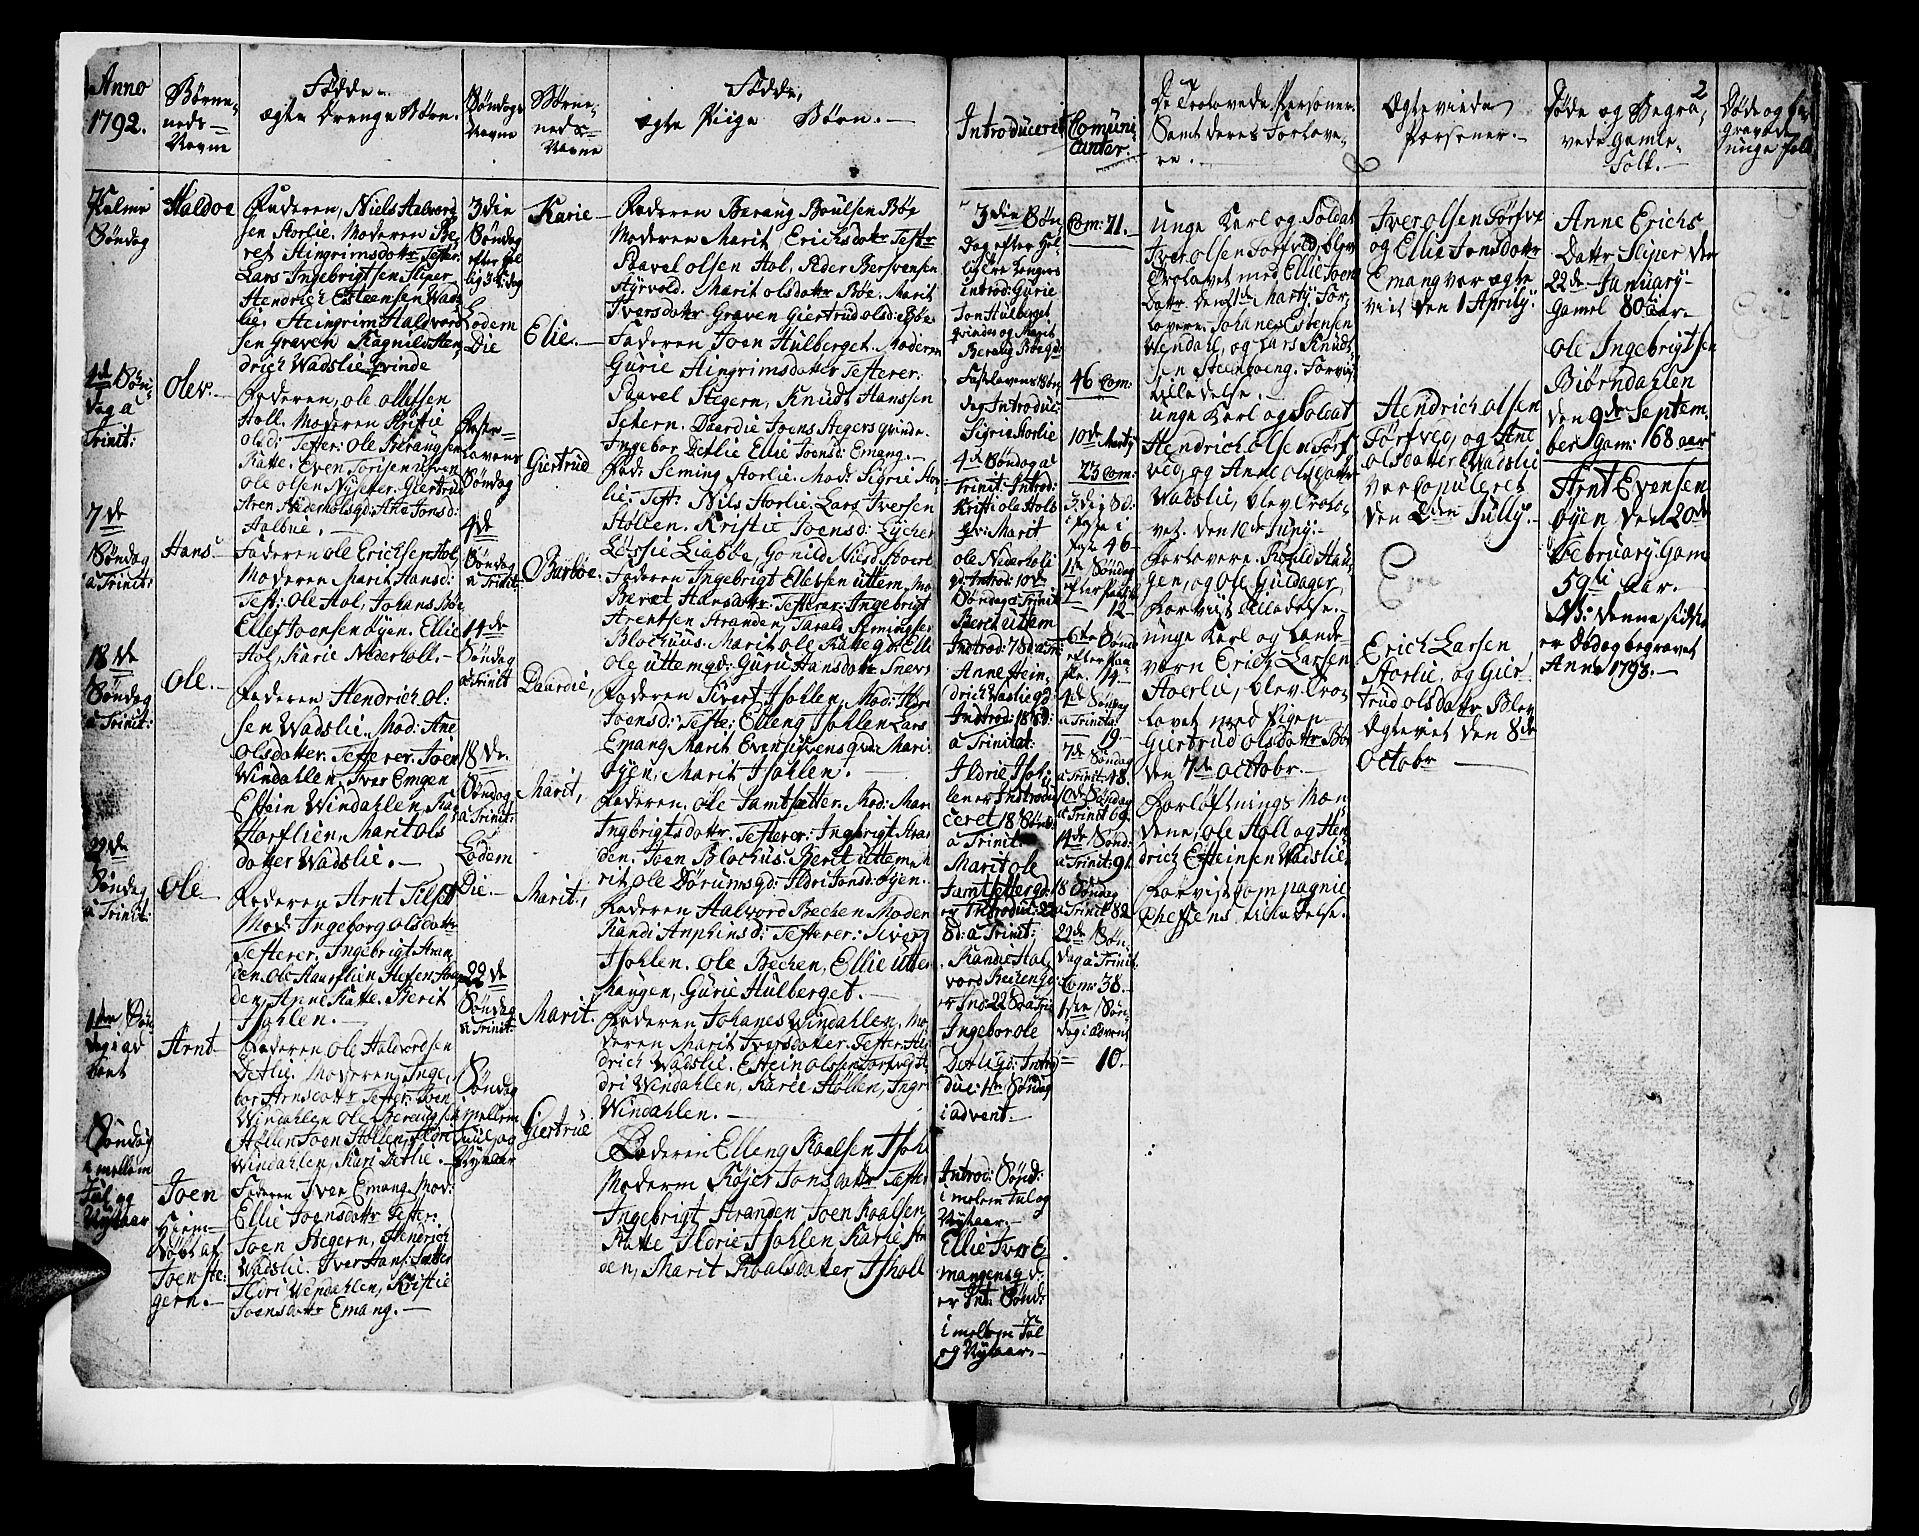 SAT, Ministerialprotokoller, klokkerbøker og fødselsregistre - Sør-Trøndelag, 679/L0921: Klokkerbok nr. 679C01, 1792-1840, s. 2